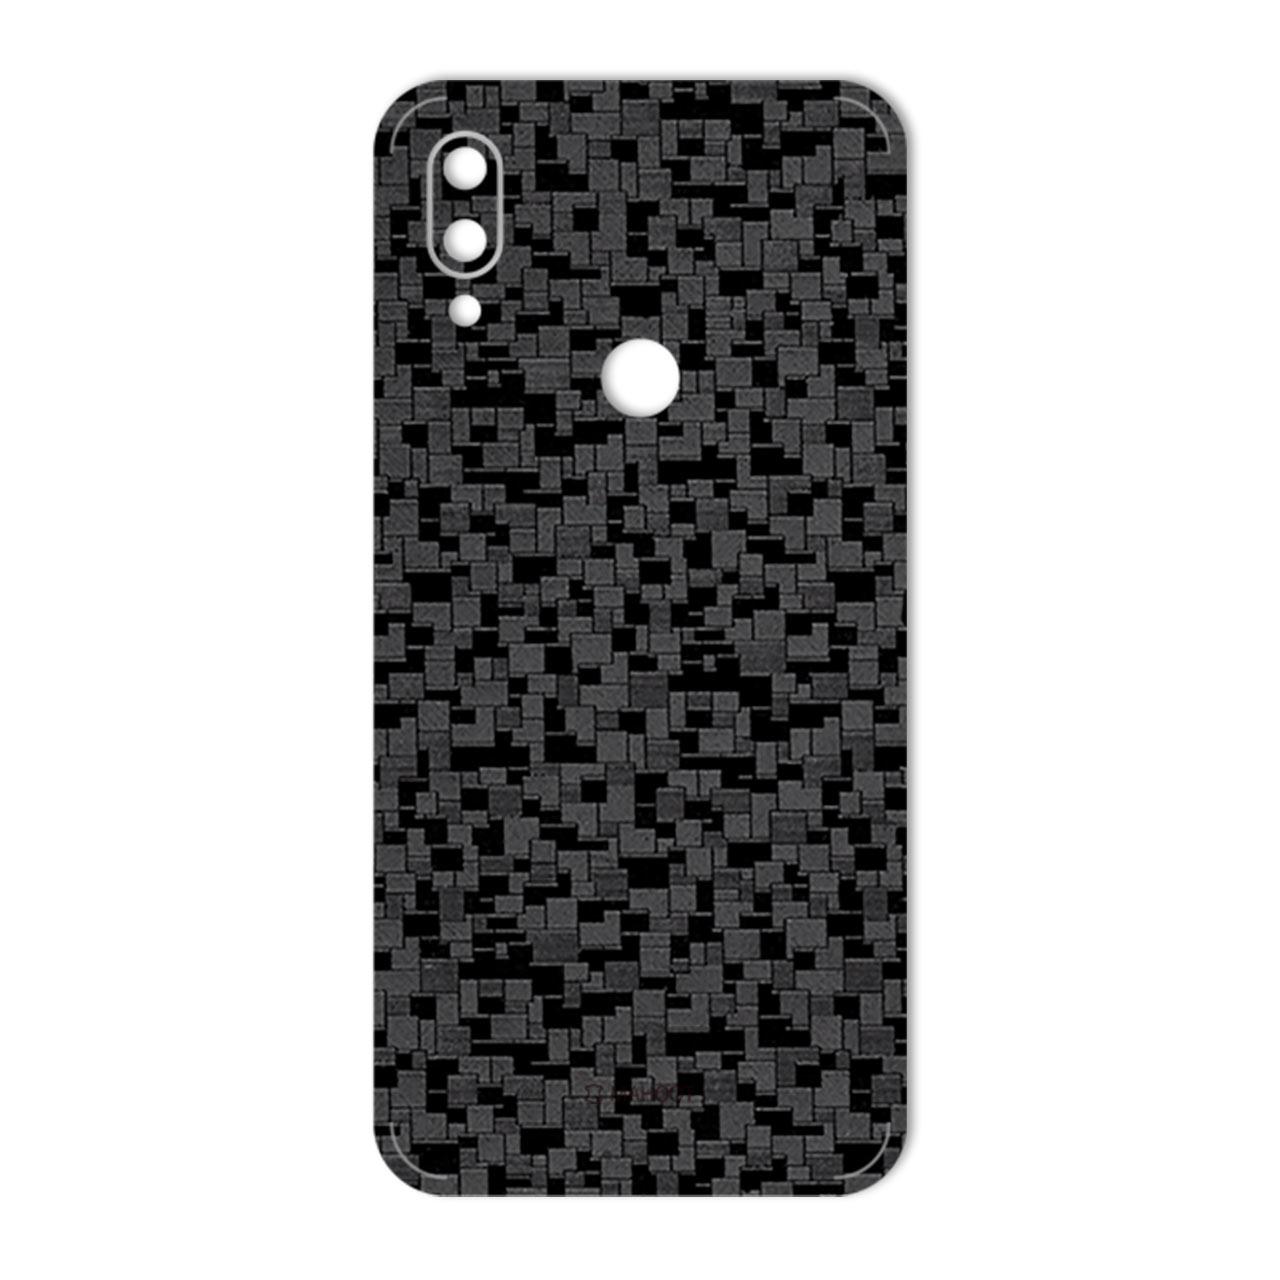 برچسب پوششی ماهوت طرح Silicon-Texture مناسب برای گوشی موبایل شیائومی Redmi 7